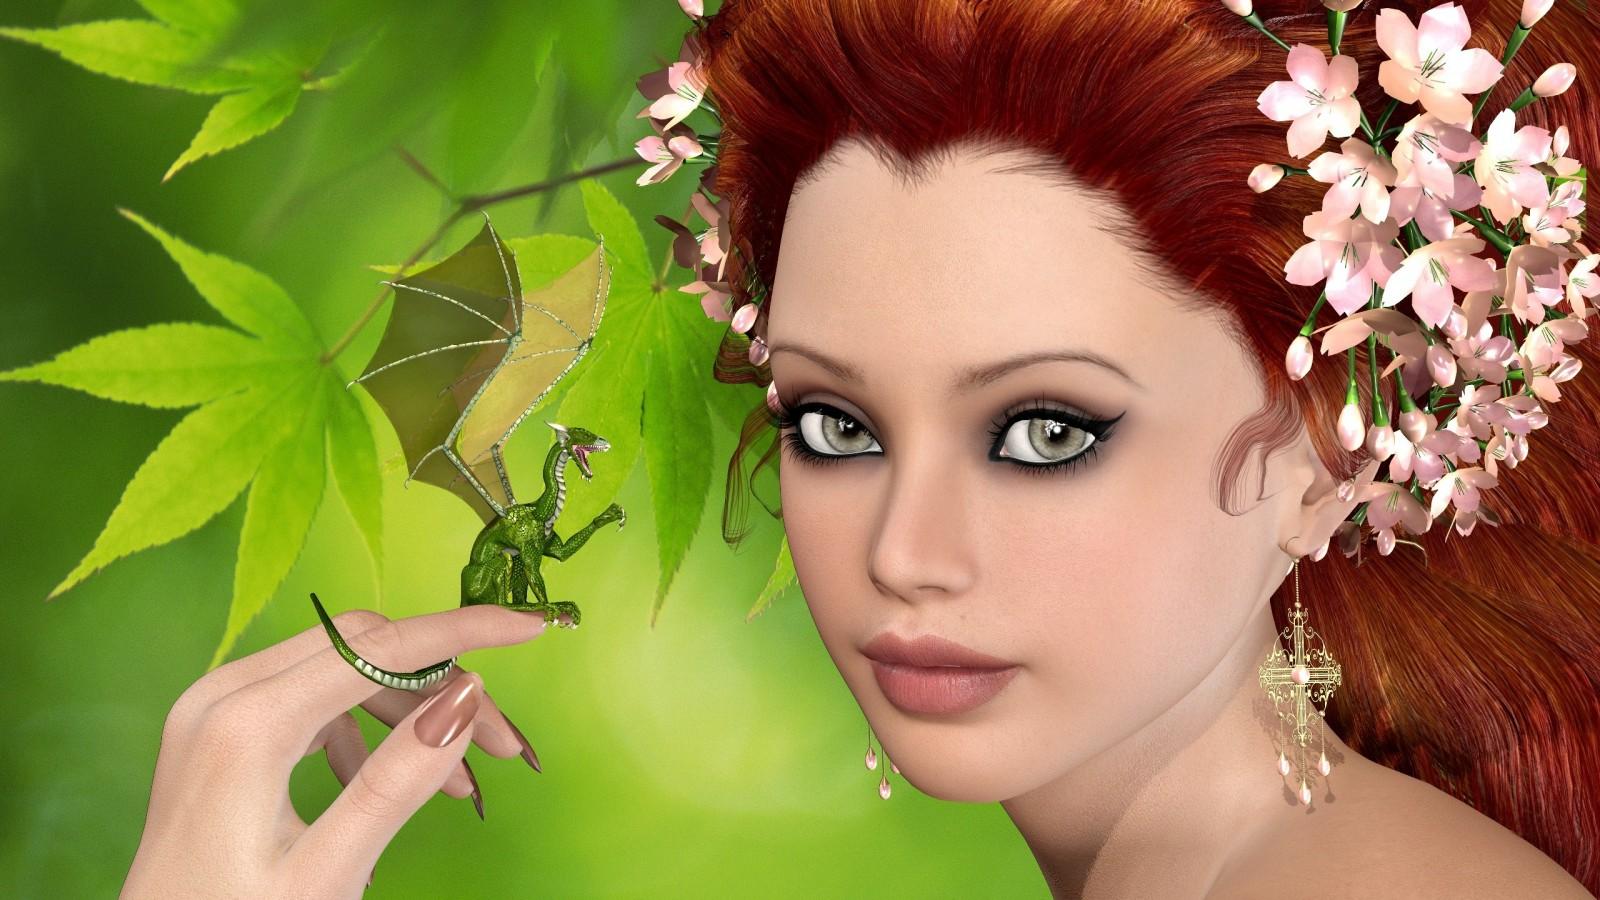 Фото рыжих девушек в зеленом 19 фотография